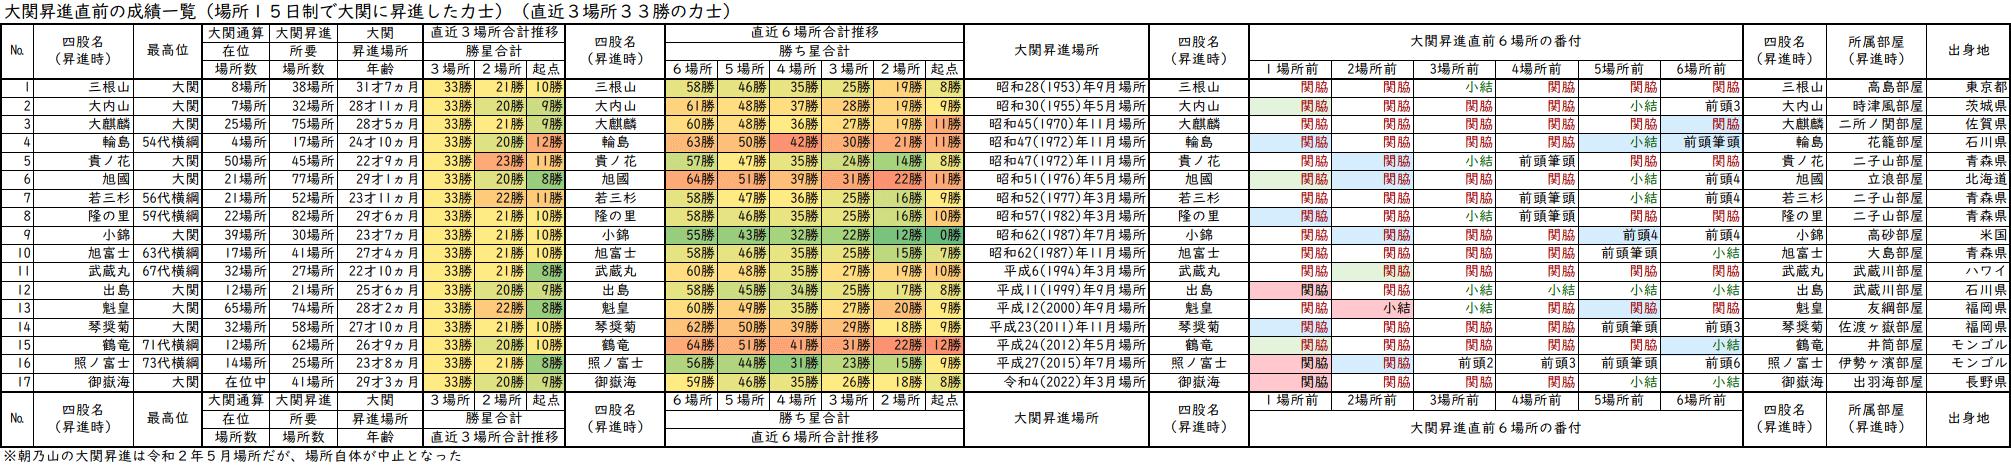 大関昇進前3場所の成績が33勝の力士一覧表・直近3場所及び直近6場所の合計勝ち星と番付